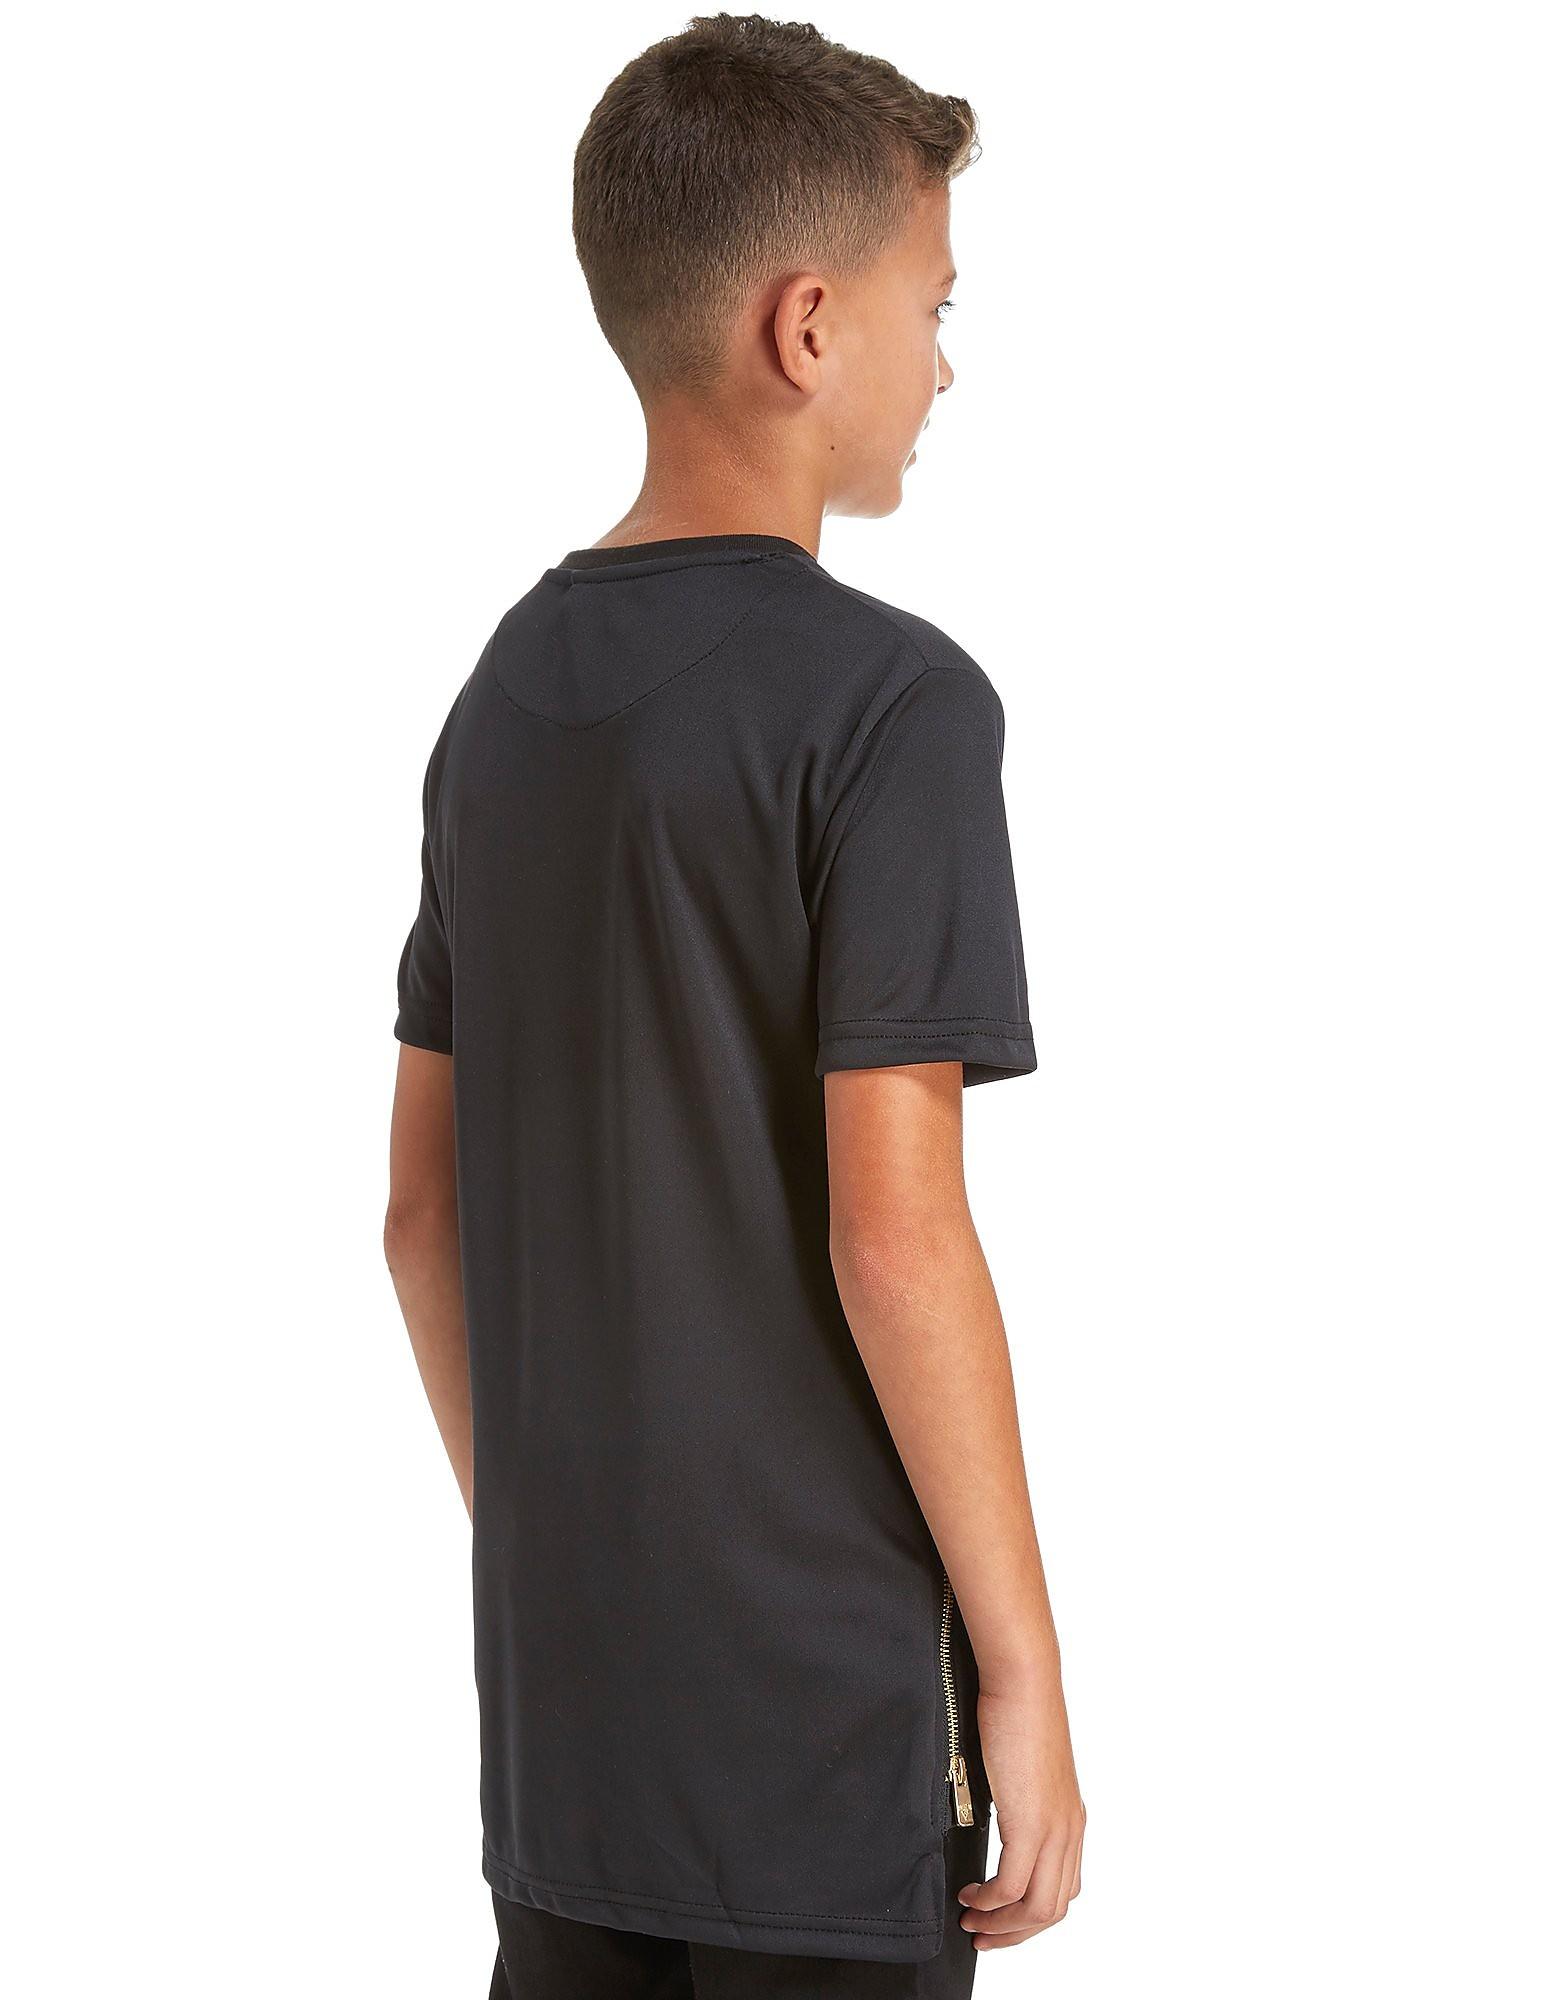 Sonneti Blingtastic T-Shirt Junior